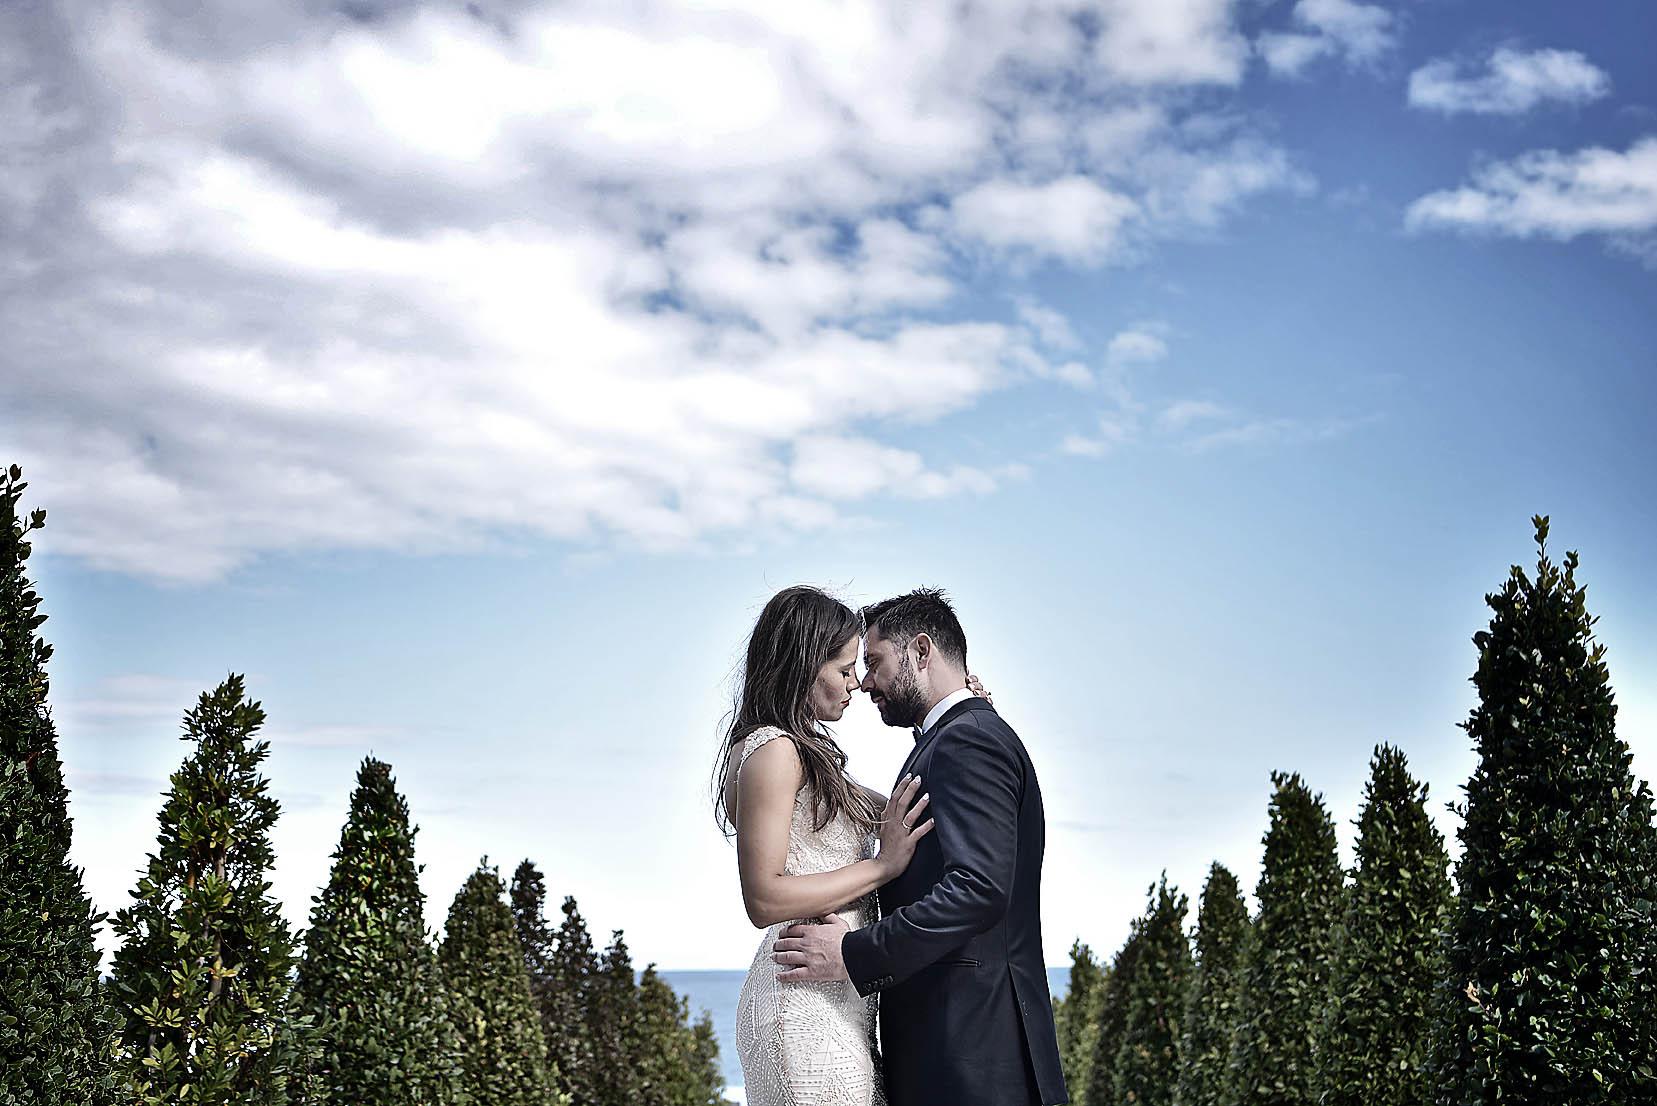 fine-art-photography-wedding-larissa-thessalia-koumaditis-06